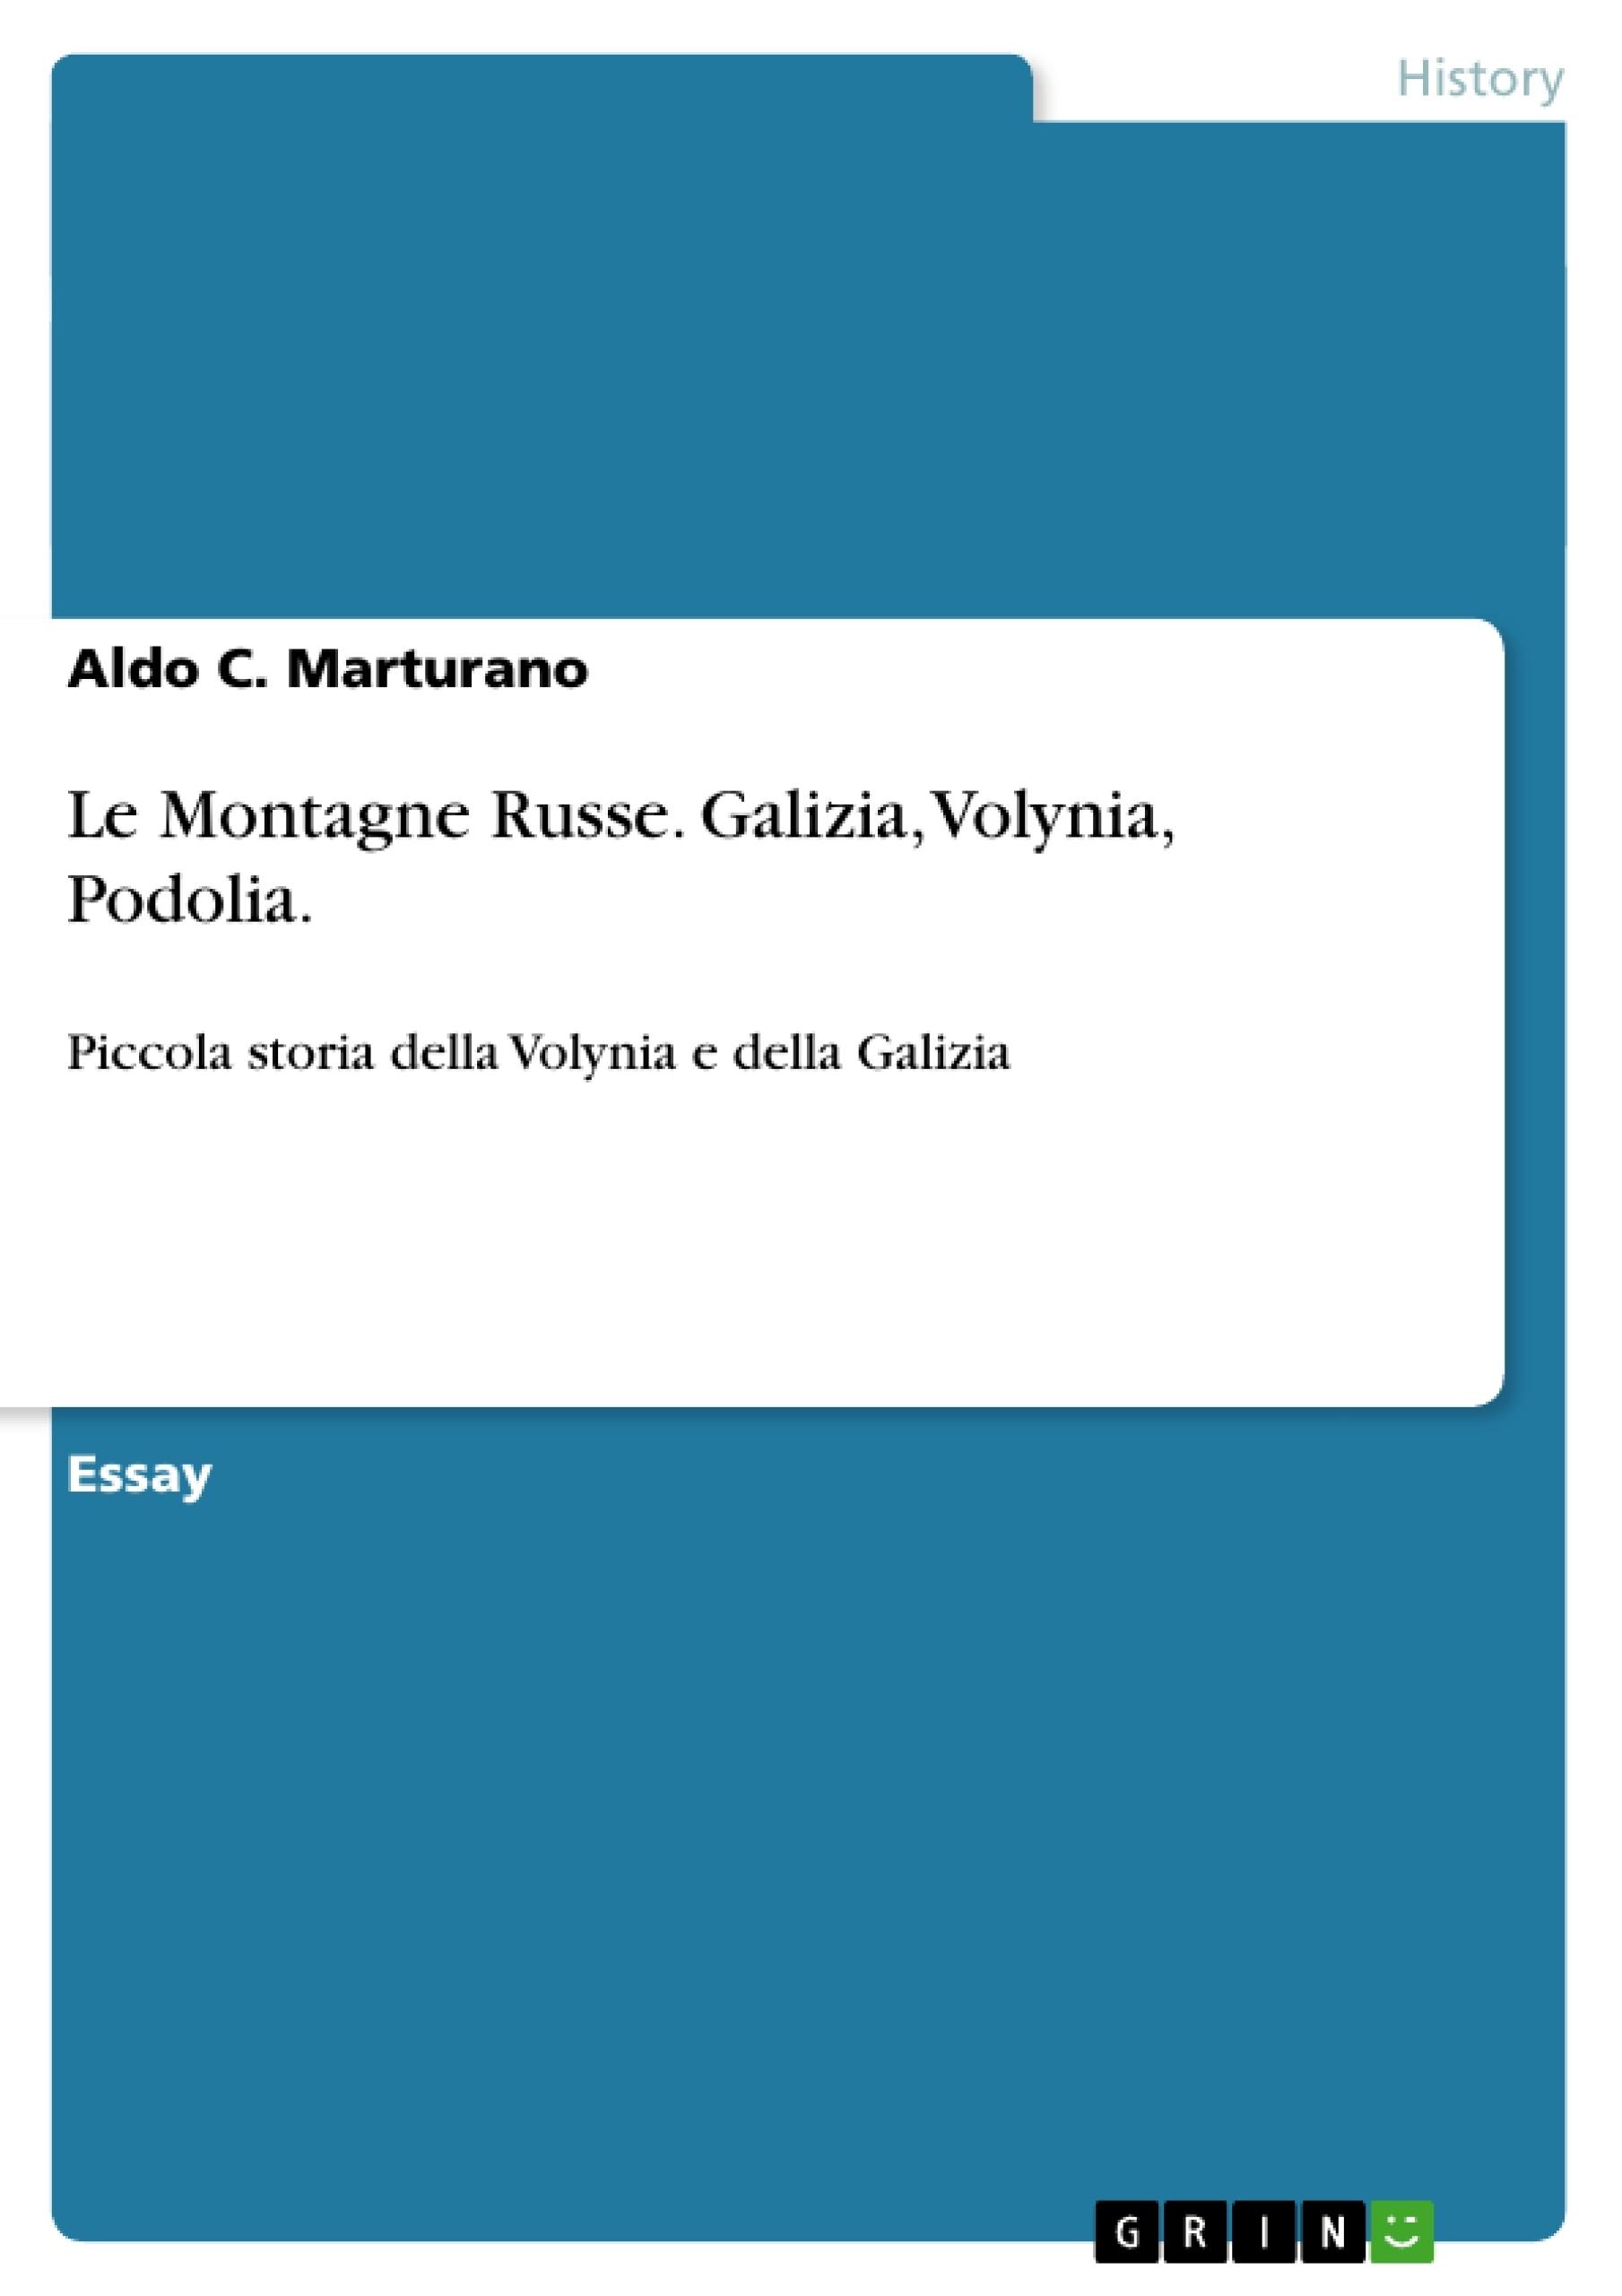 Title: Le Montagne Russe. Galizia, Volynia, Podolia.